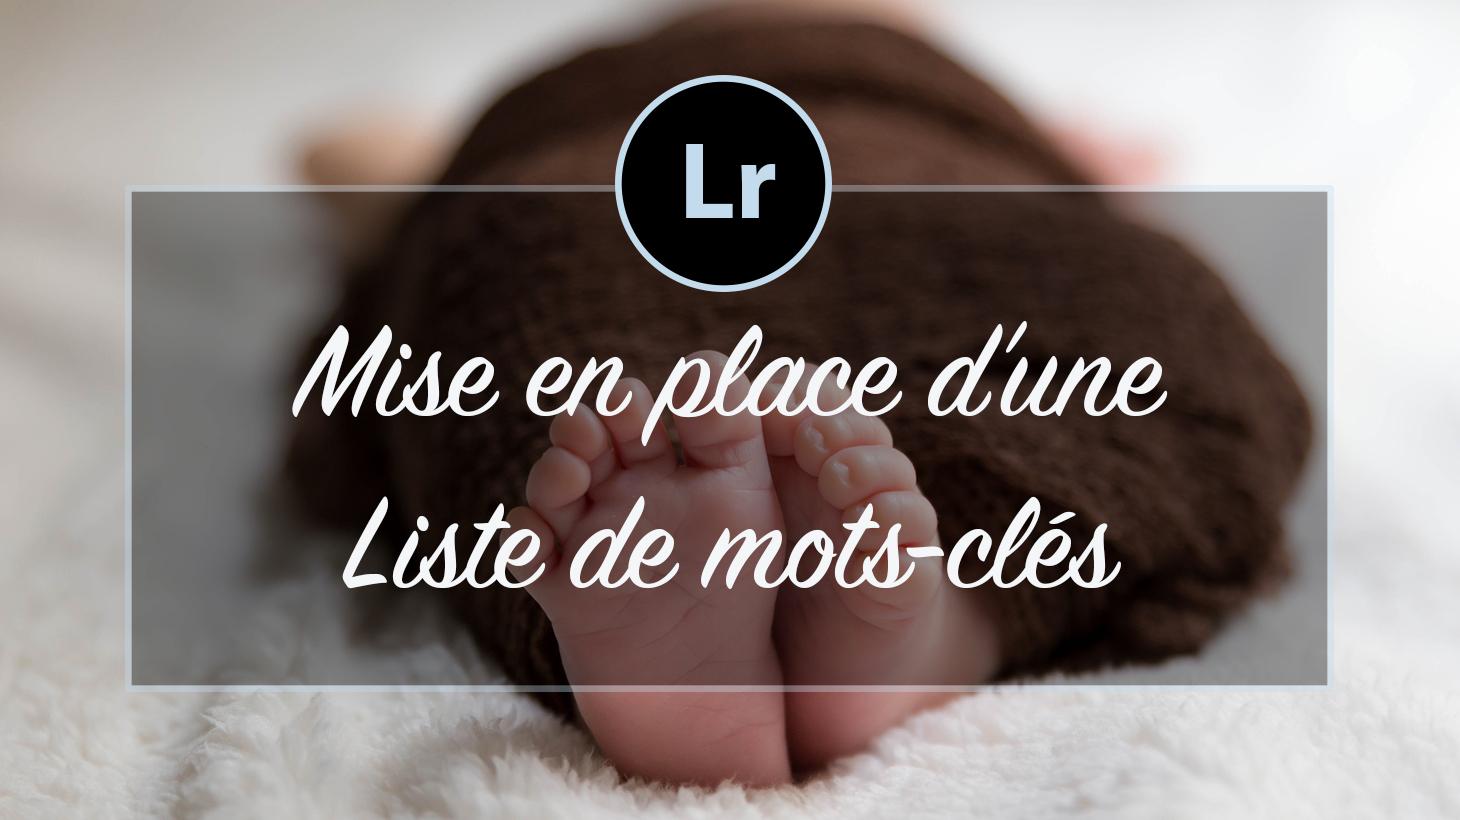 [VIDEO] – Mise en place d'une liste de mots-clés Lightroom